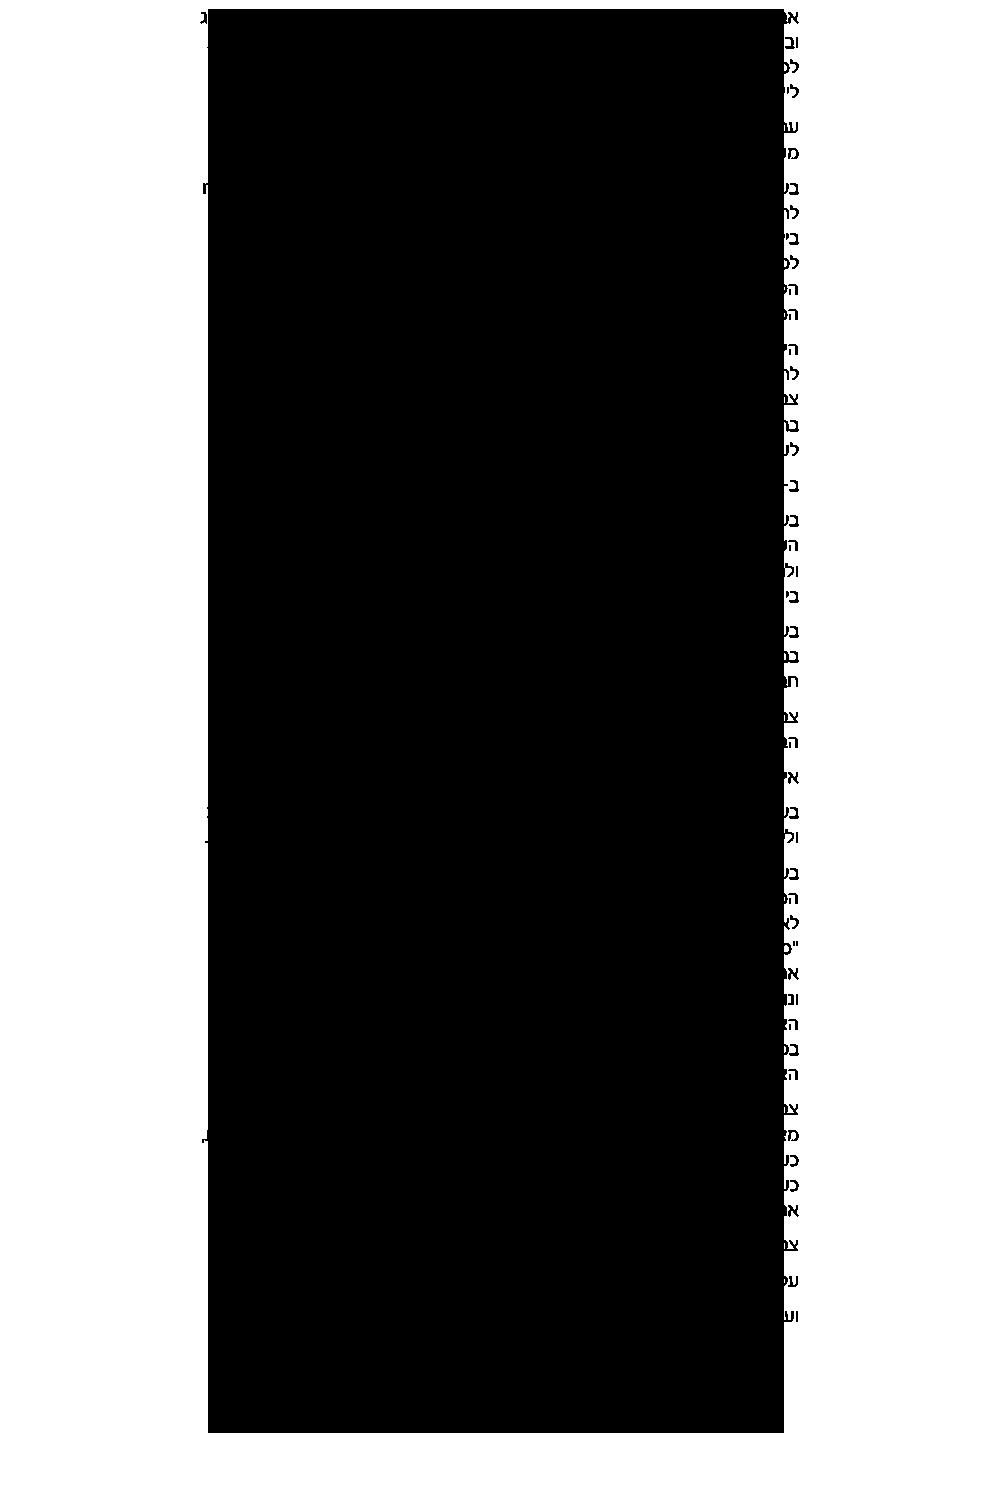 טקסט על צבי בק